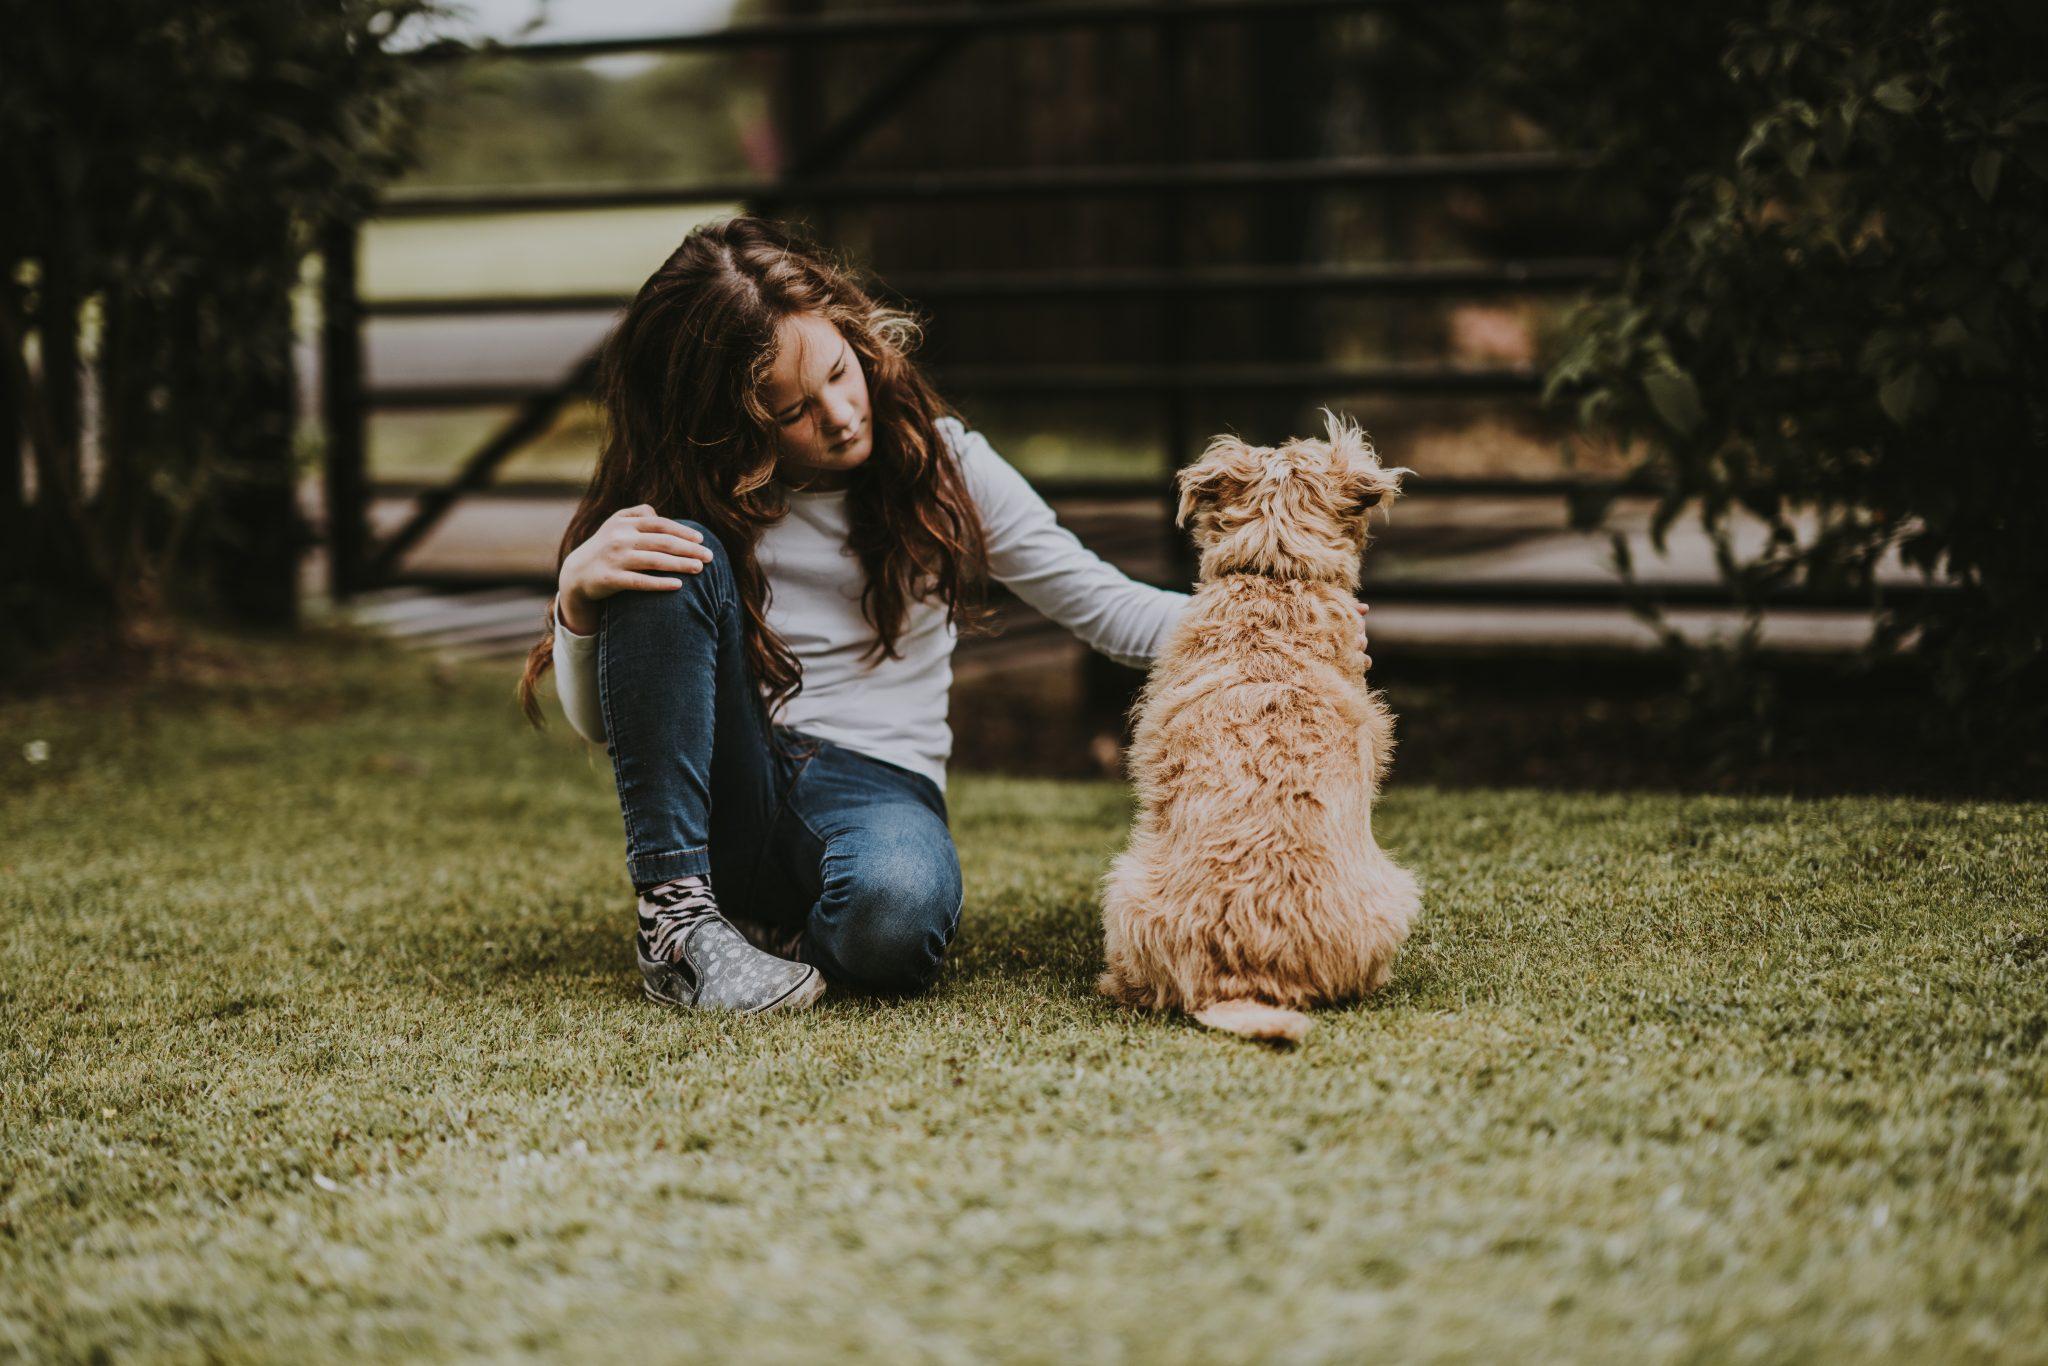 Bambini e cani, perché fa bene crescere insieme - Spazio Meta psicologi Milano